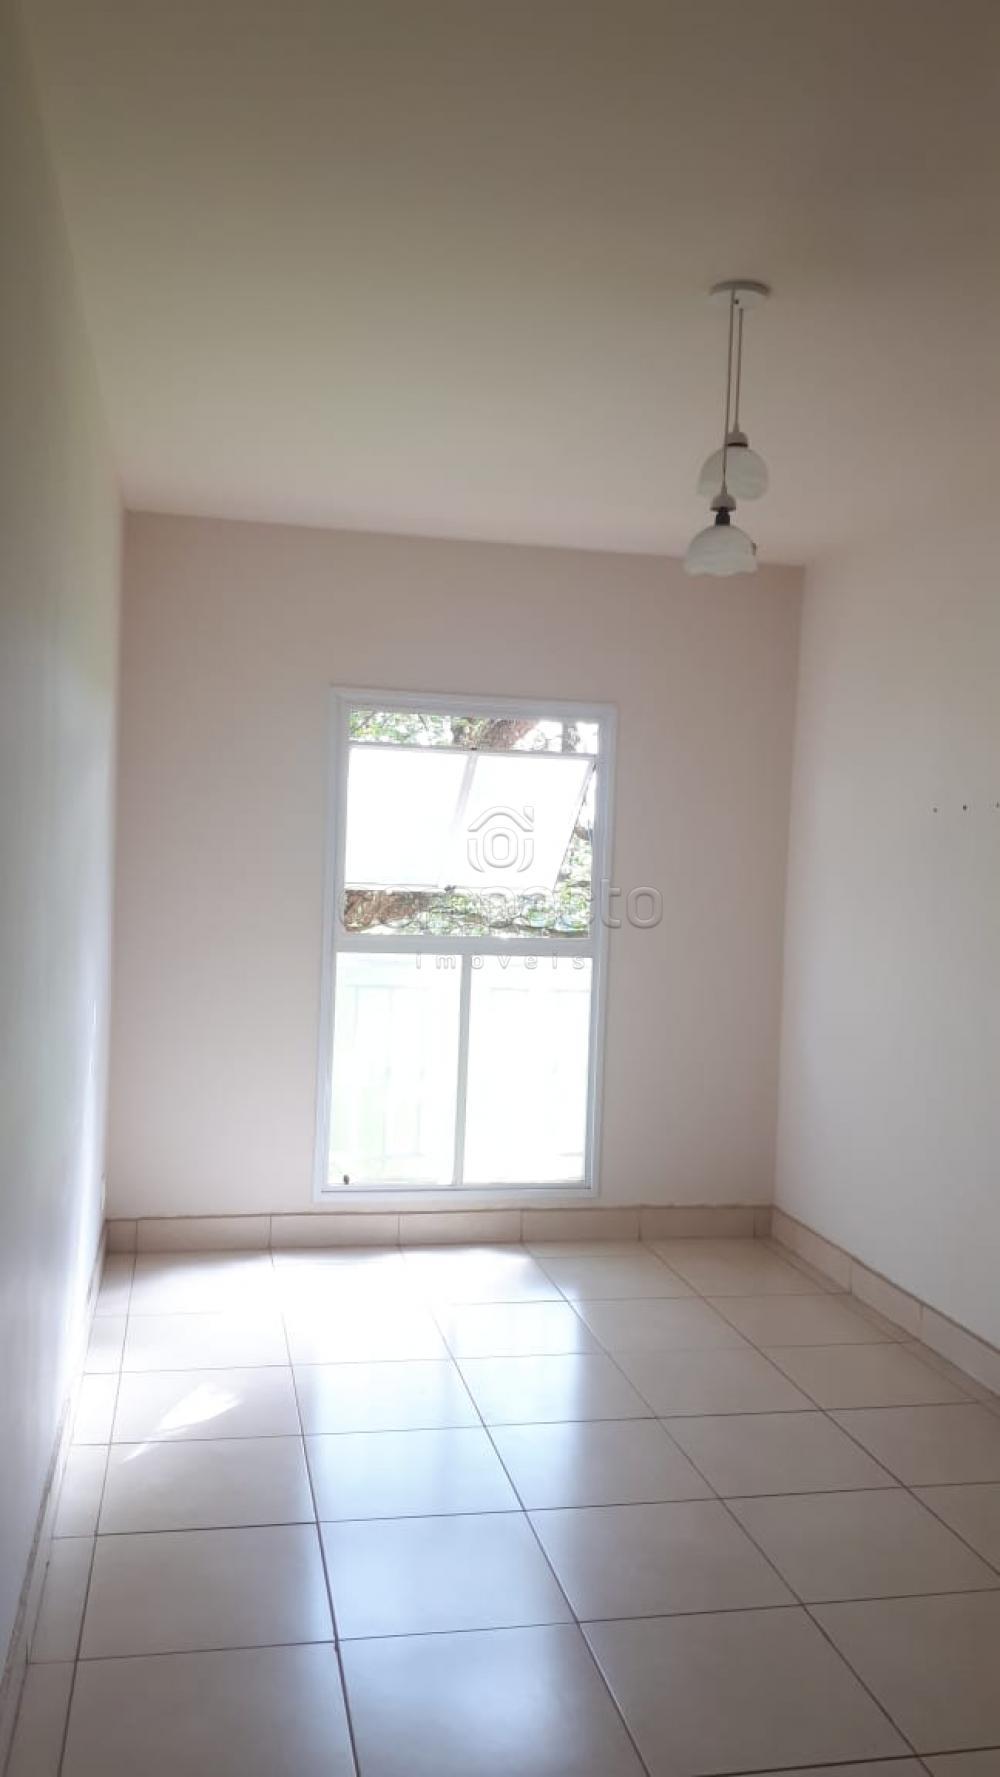 Comprar Apartamento / Padrão em São José do Rio Preto apenas R$ 140.000,00 - Foto 2